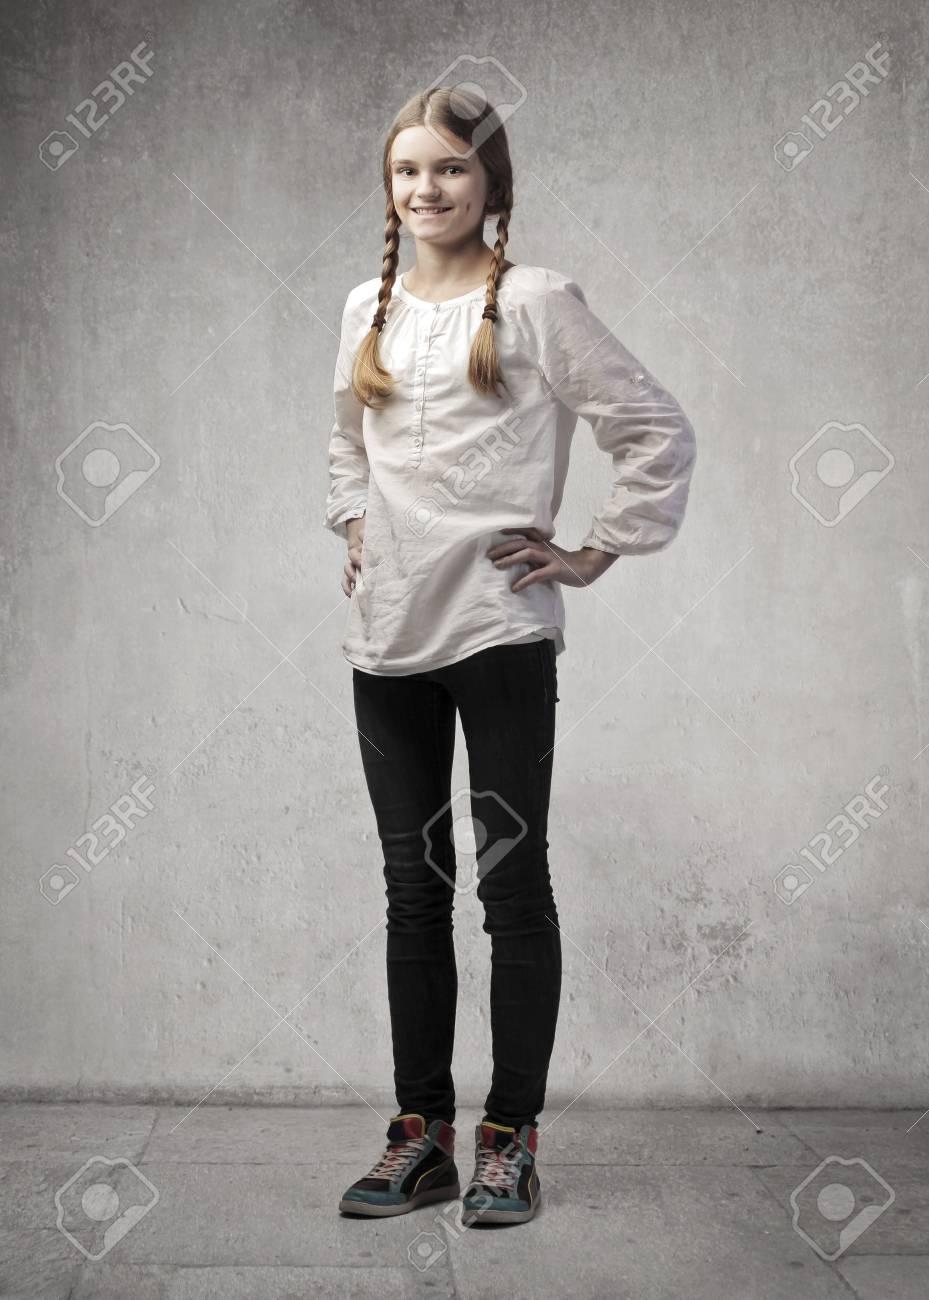 Smiling teenage girl Stock Photo - 12394067